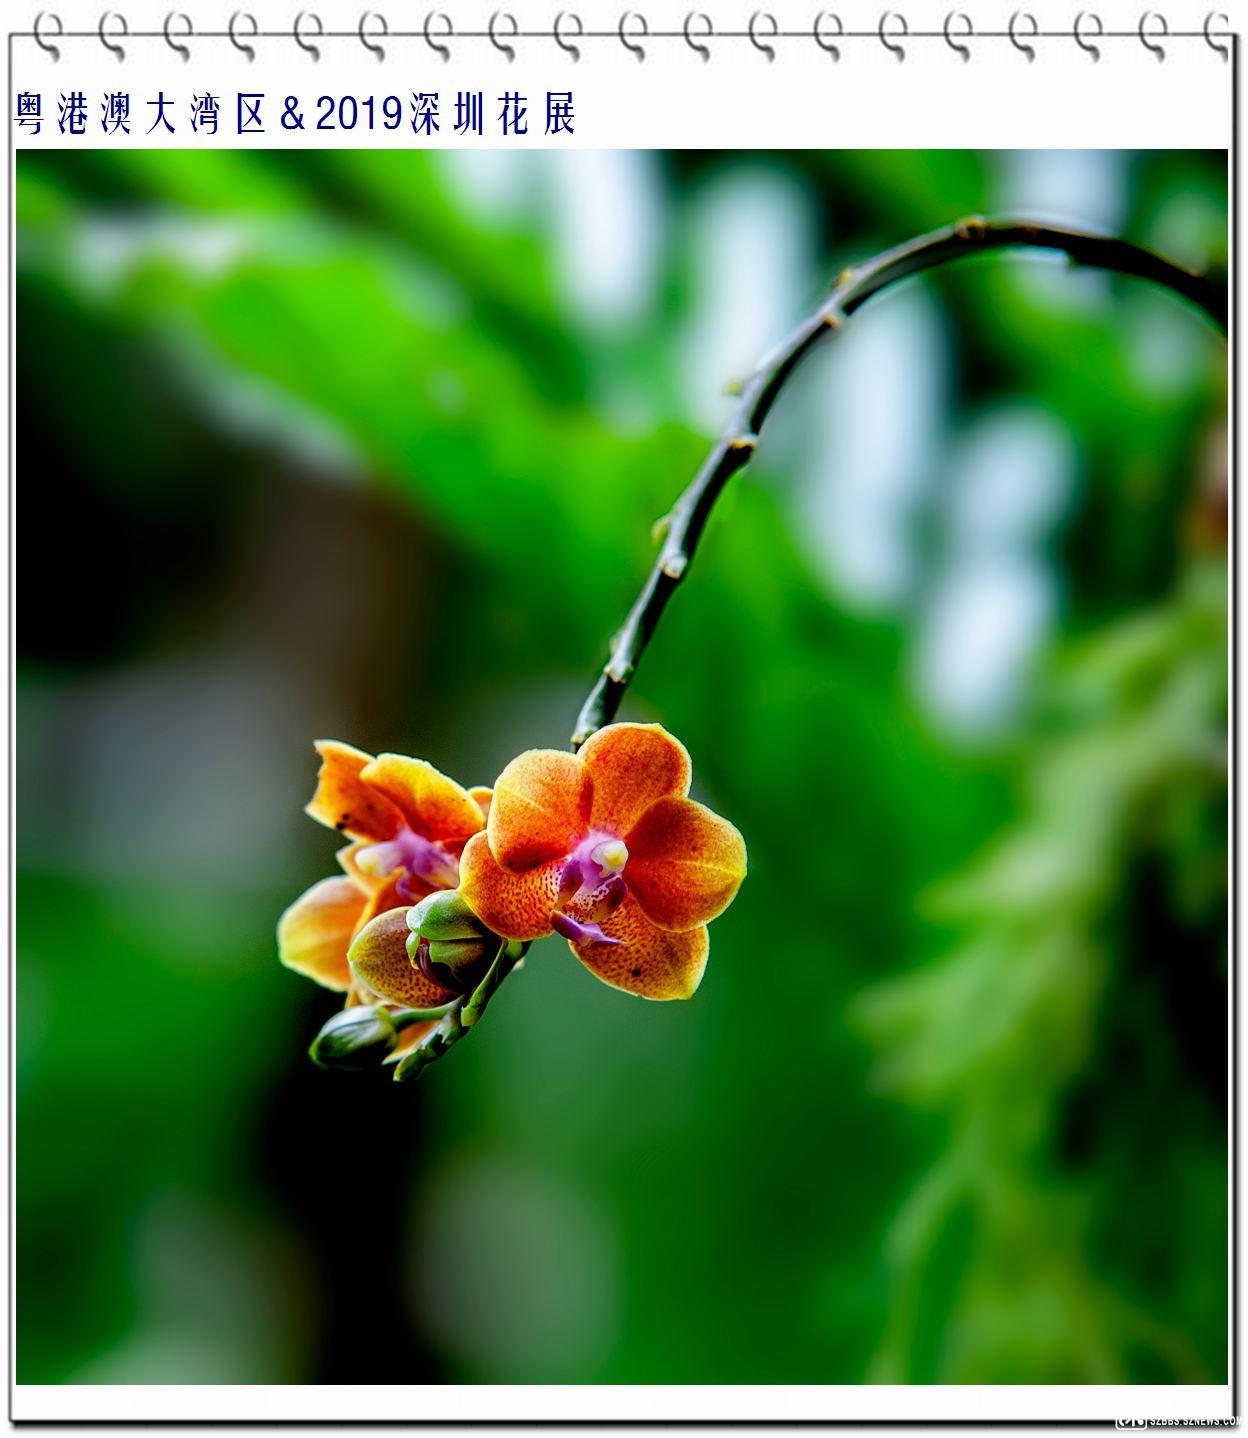 蝴蝶兰(9) (1).jpg